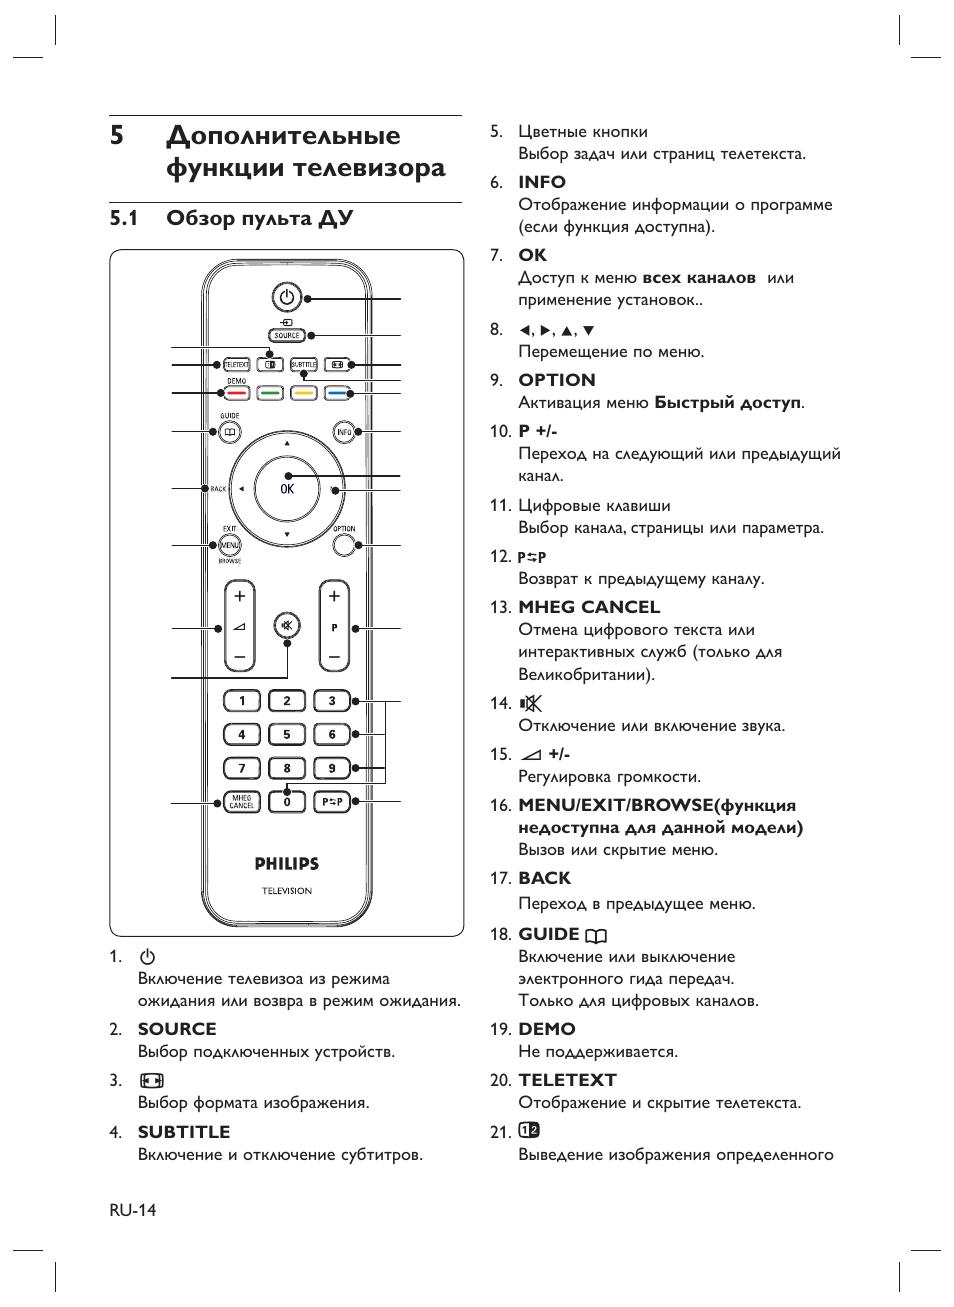 полная инструкция для филипс 32рнт4101